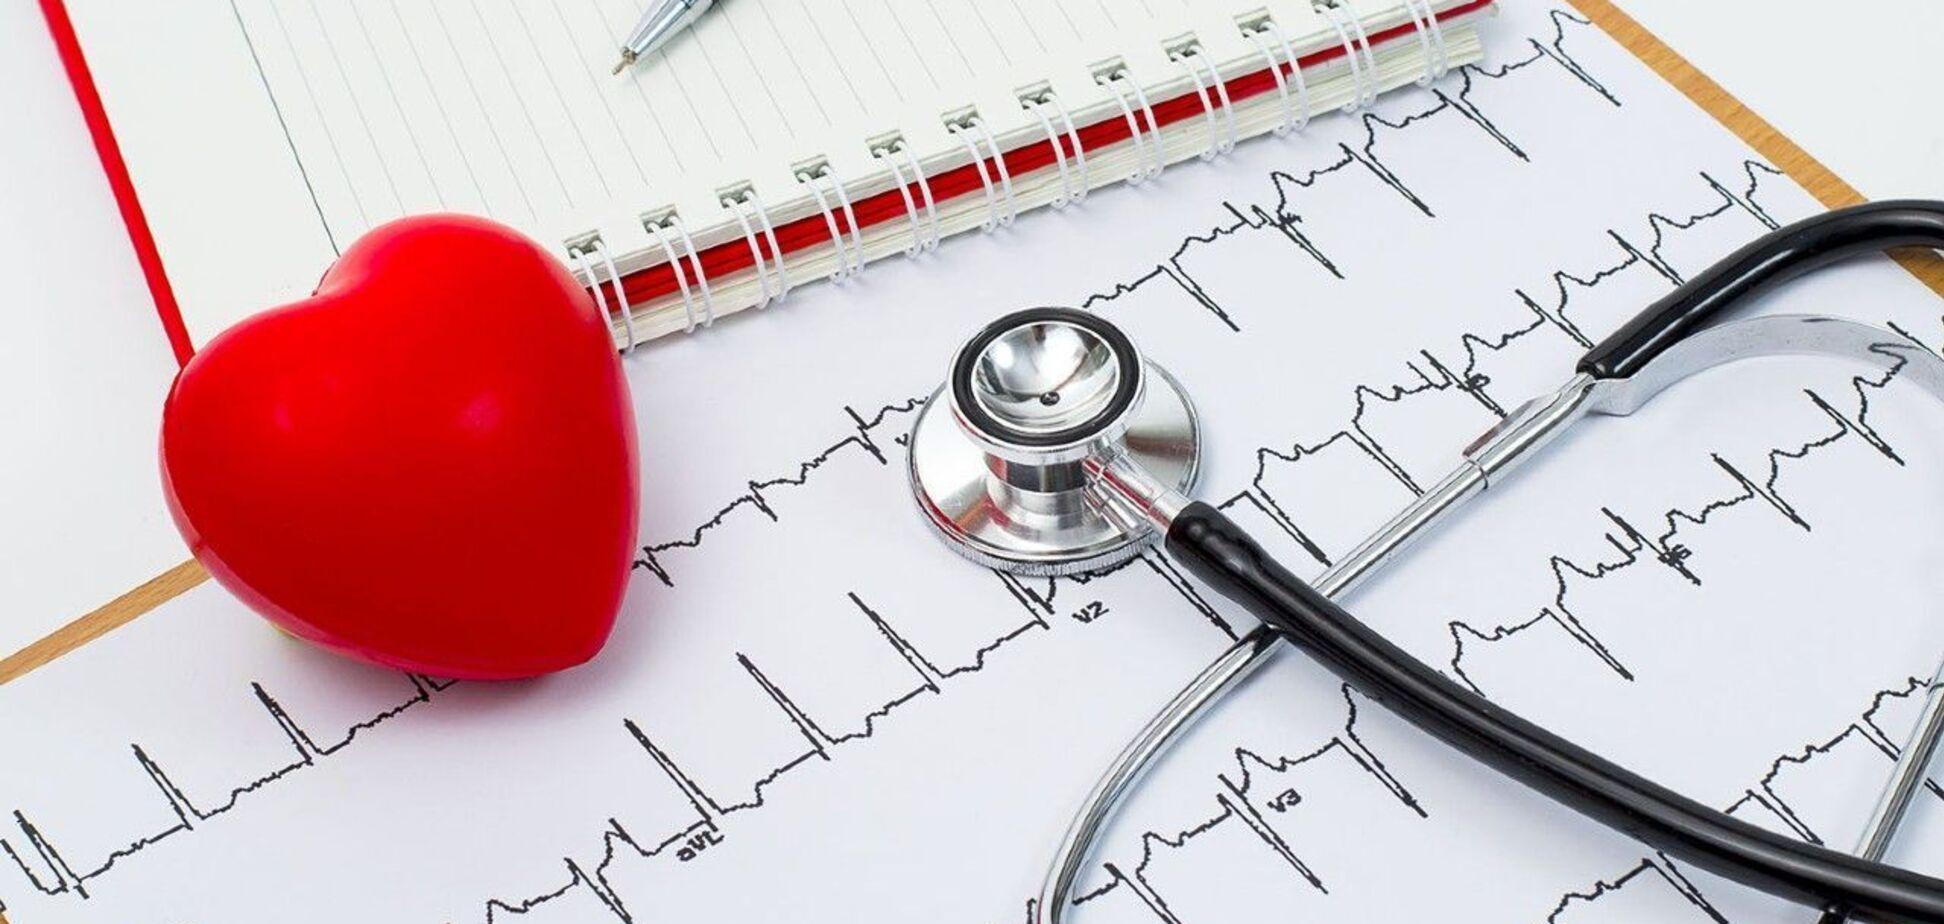 Серце збивається з ритму: чому це небезпечно?